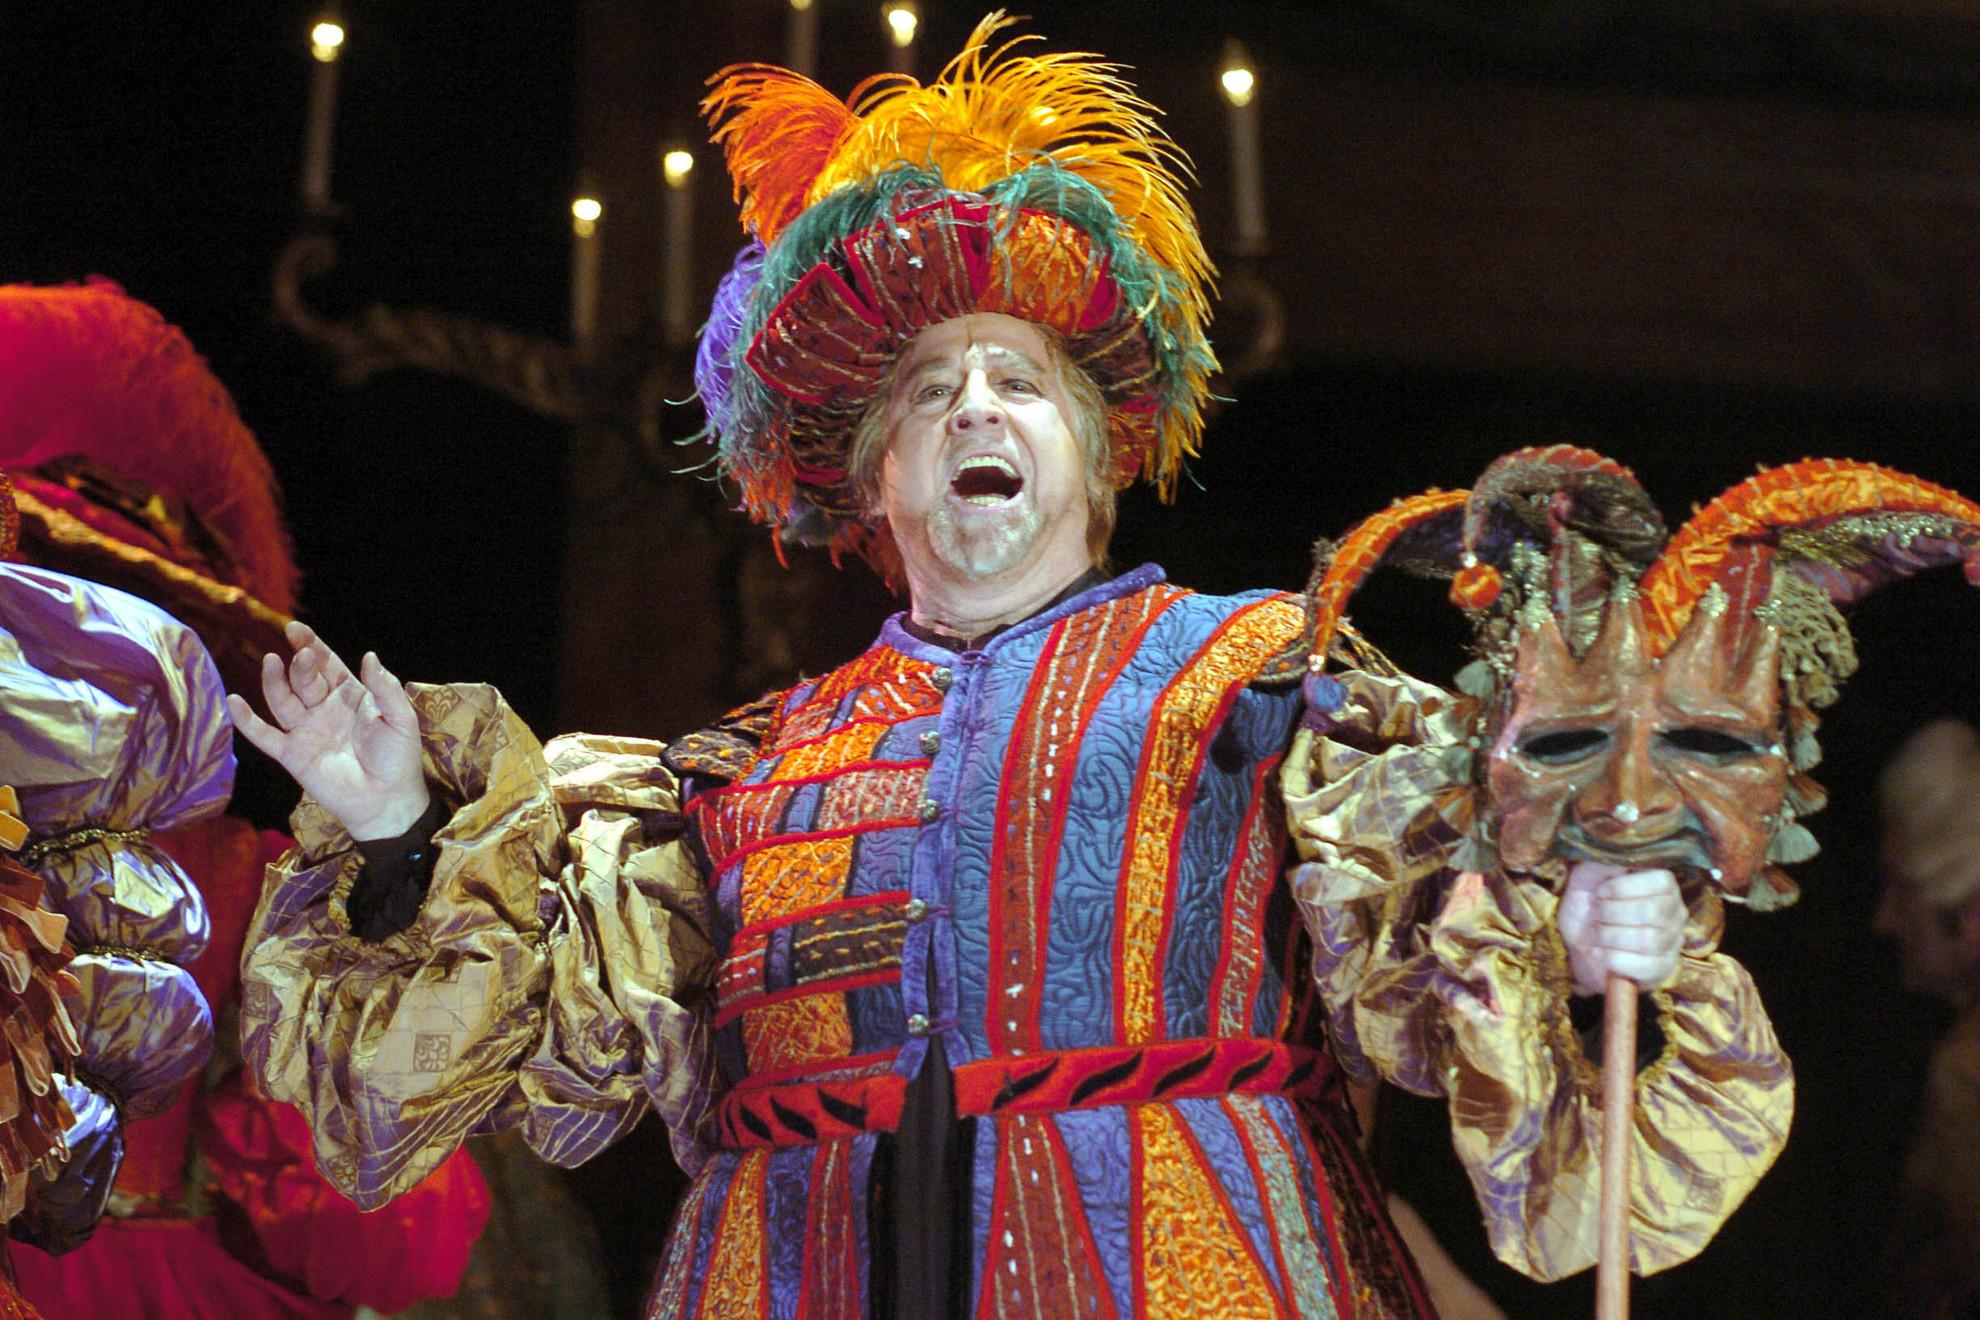 Sólyom-Nagy Sándor Rigoletto szerepében Giuseppe Verdi Rigoletto című operájában, az Erkel Színházban, Szinetár Miklós rendezésében Budapesten, 2005. március 25-én